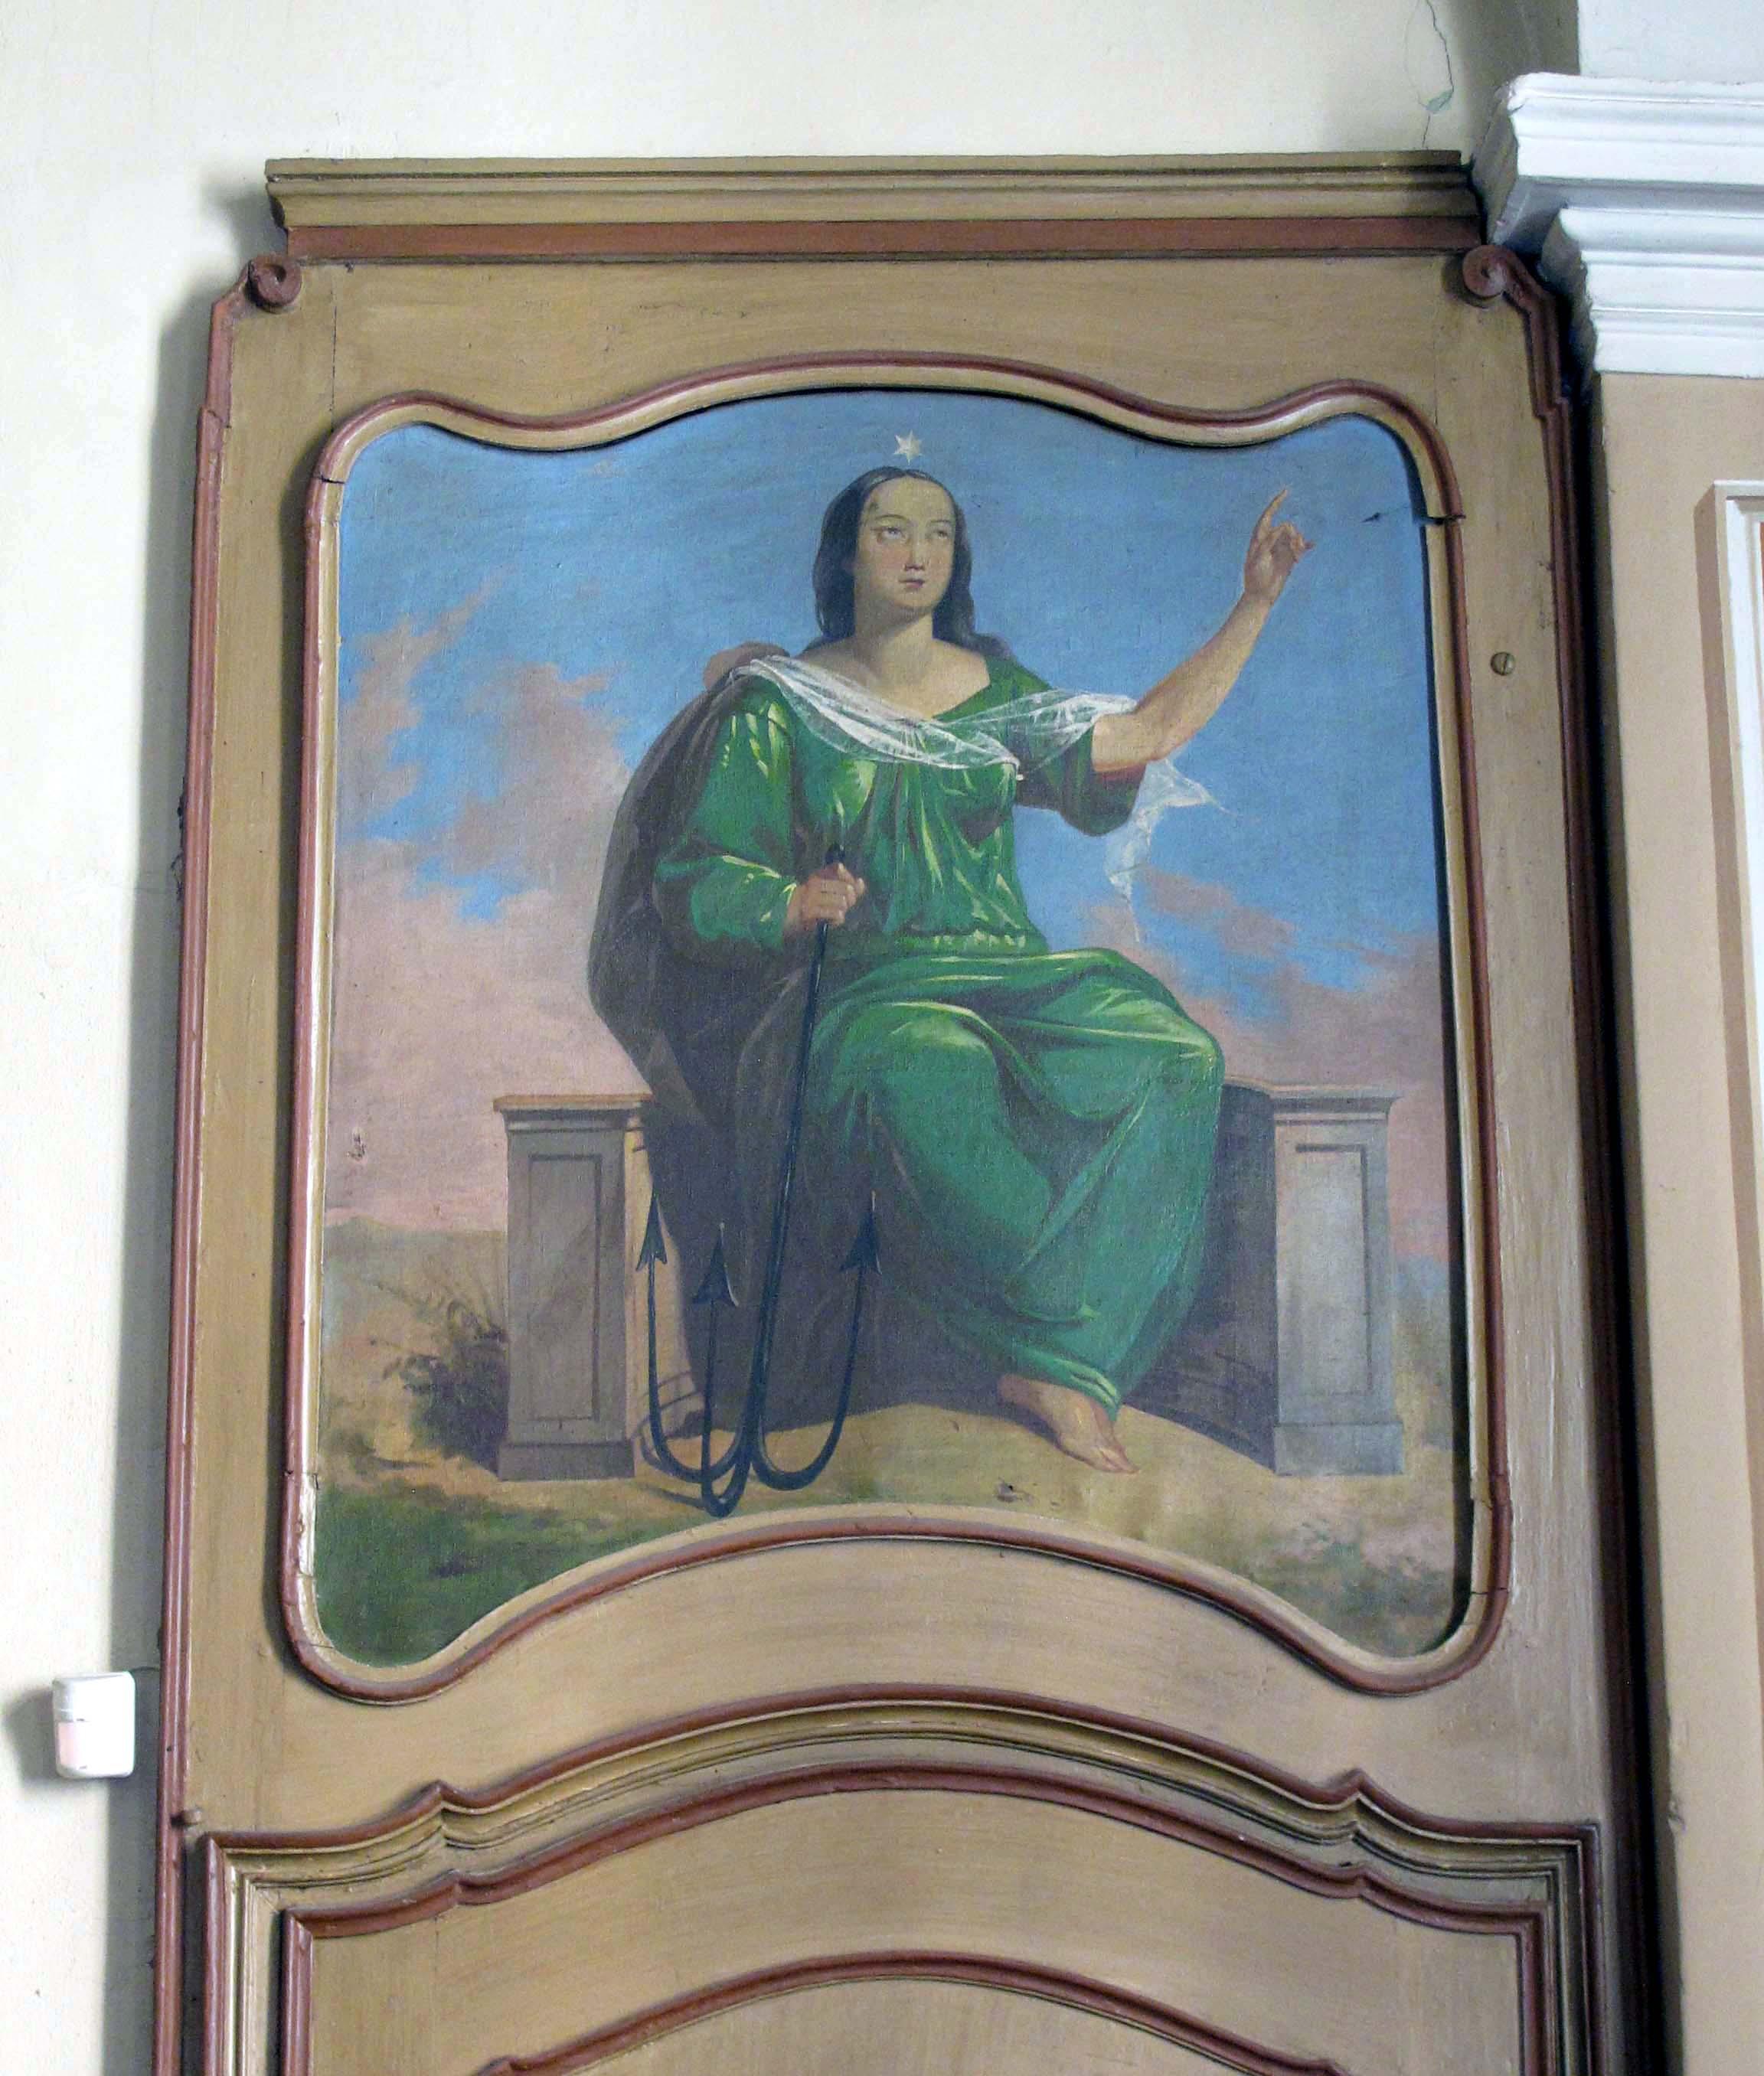 IGNOTO AUTORE LOCALE, La Speranza (inizio sec. XX).